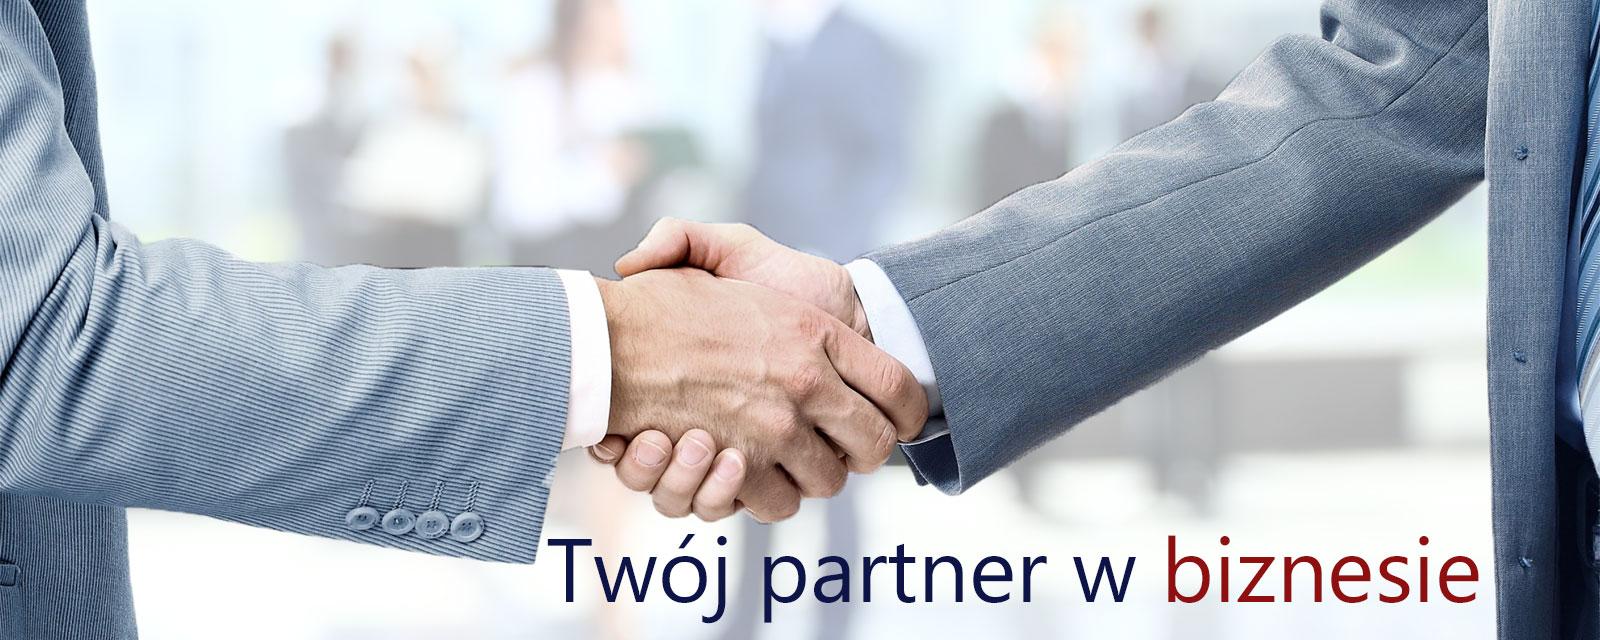 Twój partner w biznesie